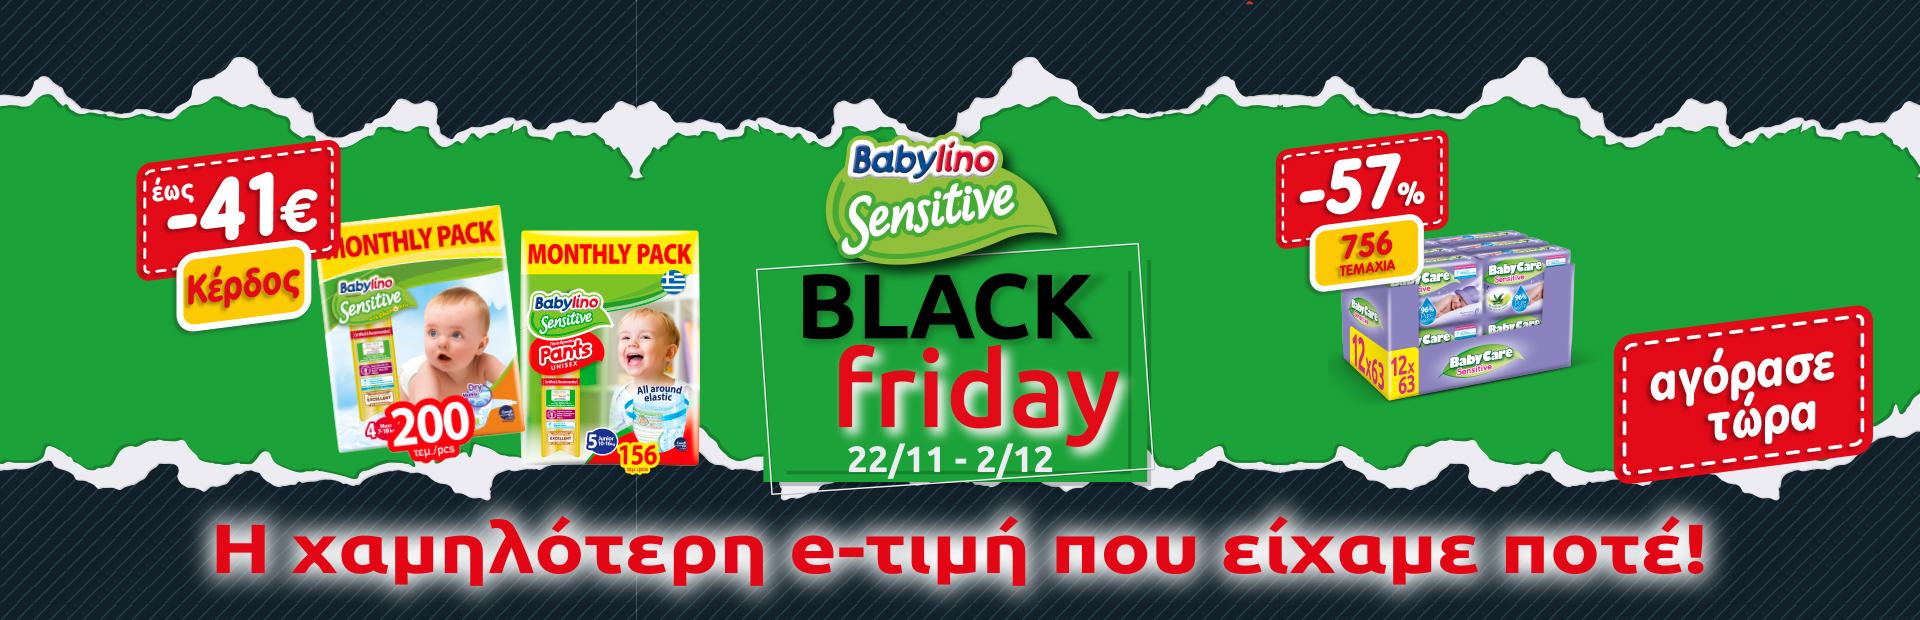 Black Friday Babylino